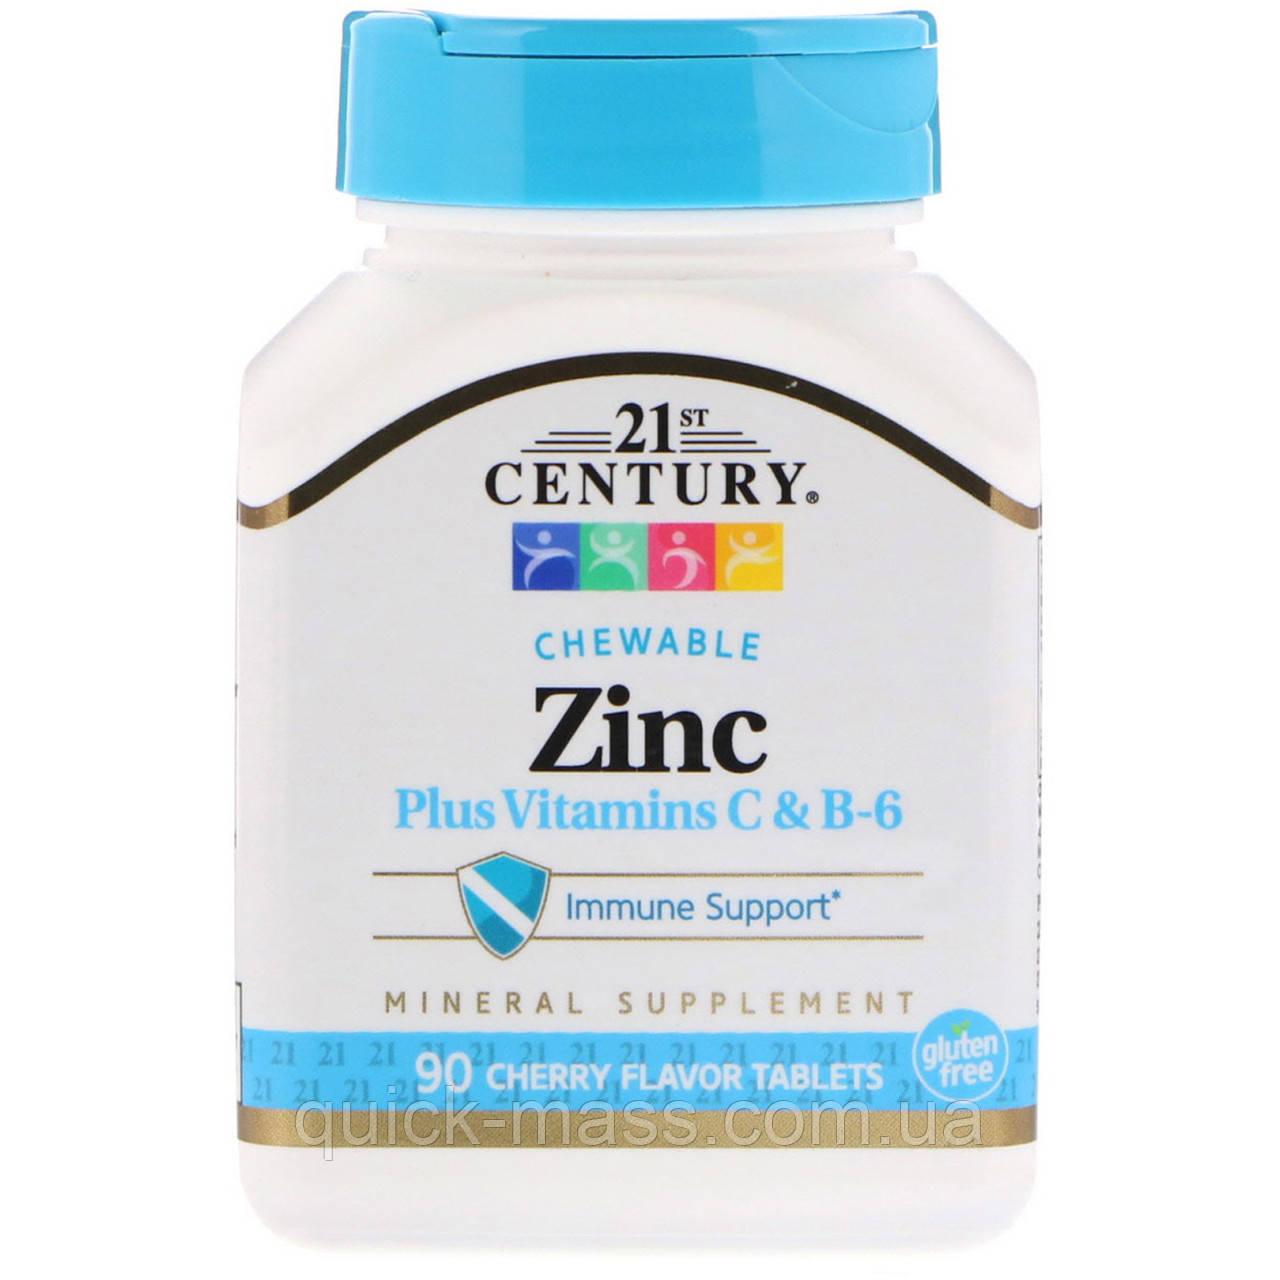 Цинк c витамином С в жевательных таблетках, Zinc Chewable, 21st Century, вишня, 90 таб.